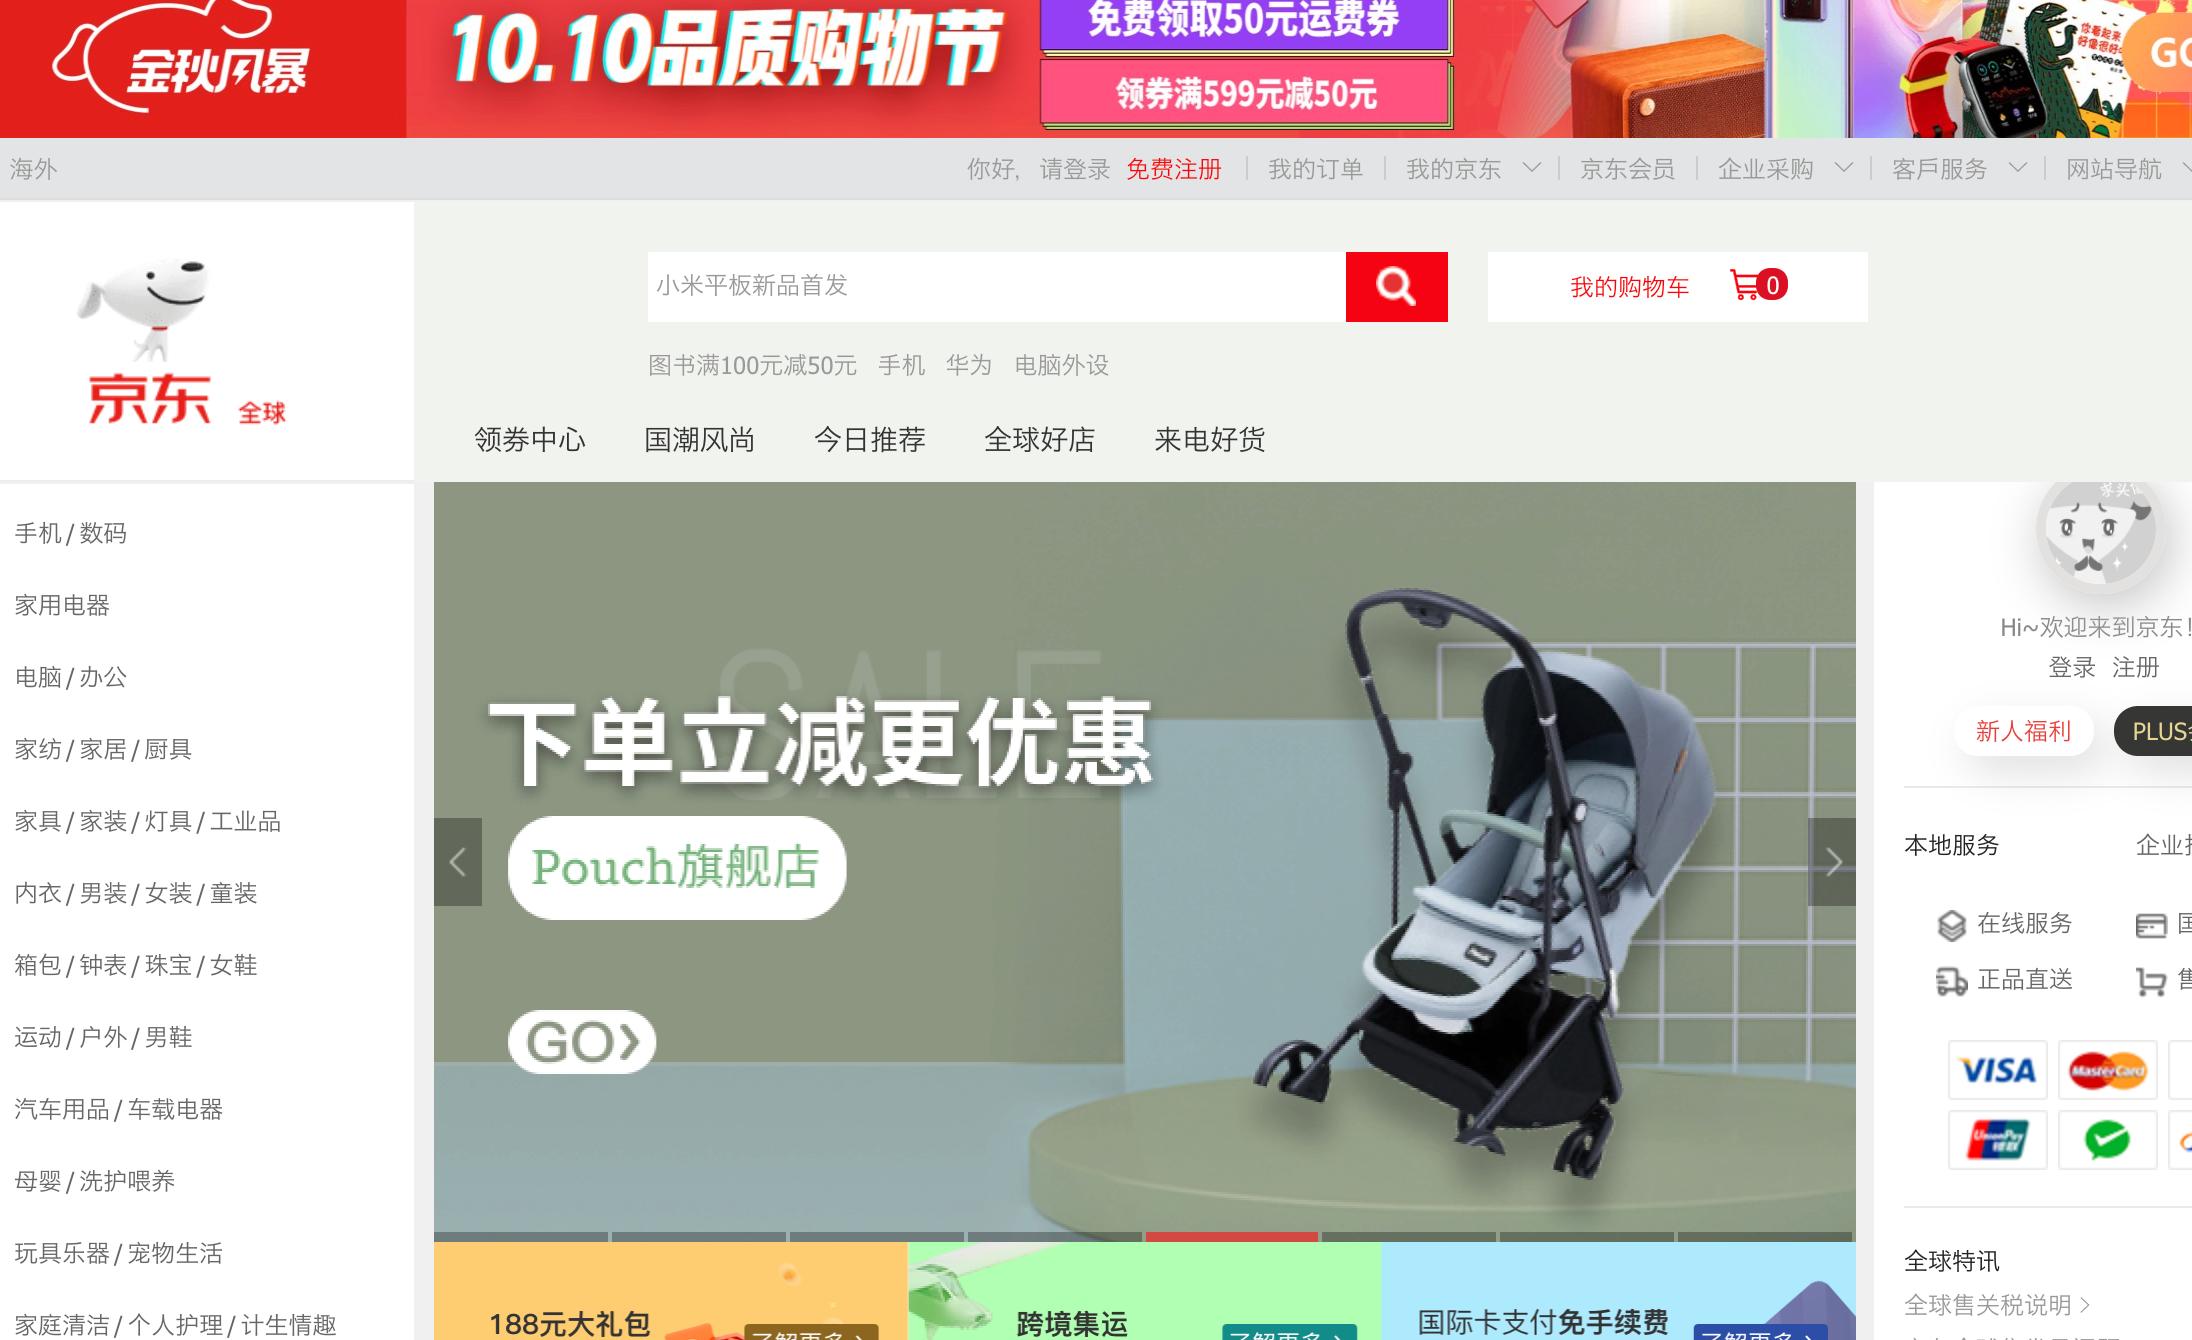 リスト、中国のECサイトで不動産販売 恒大ショックで商機、高級レジ順次掲載